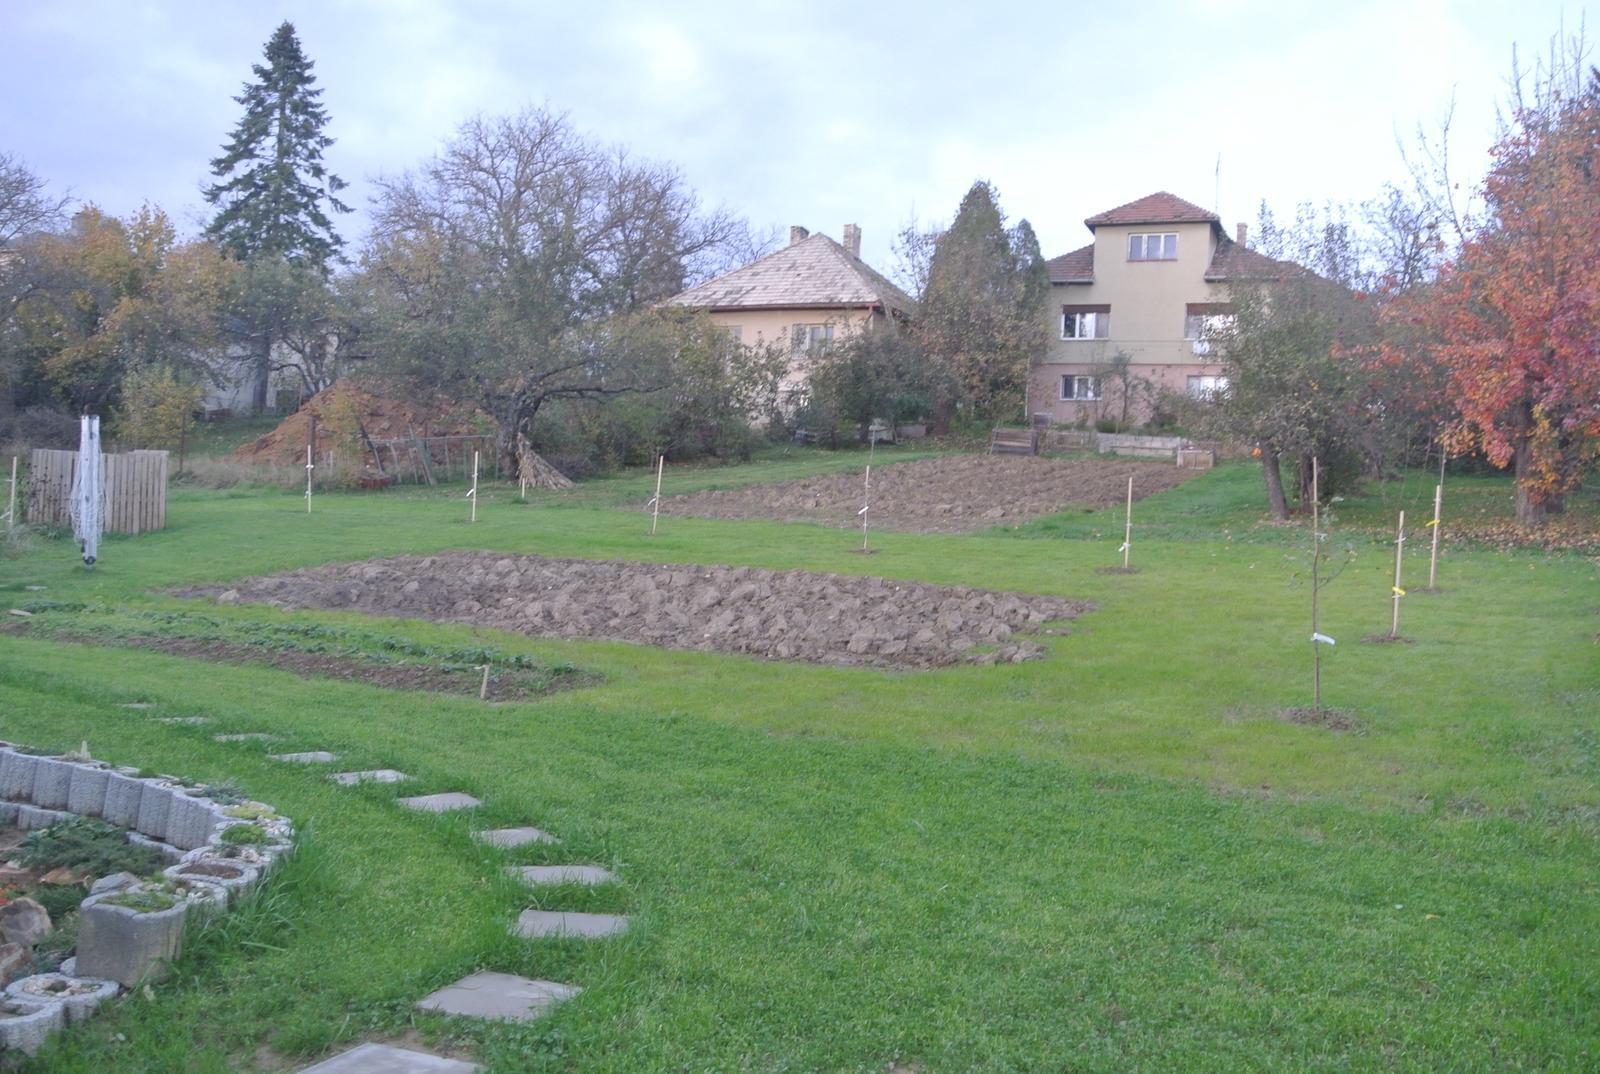 Budujeme okrasnú aj úžitkovú záhradu - Náš nový malý sad :-)